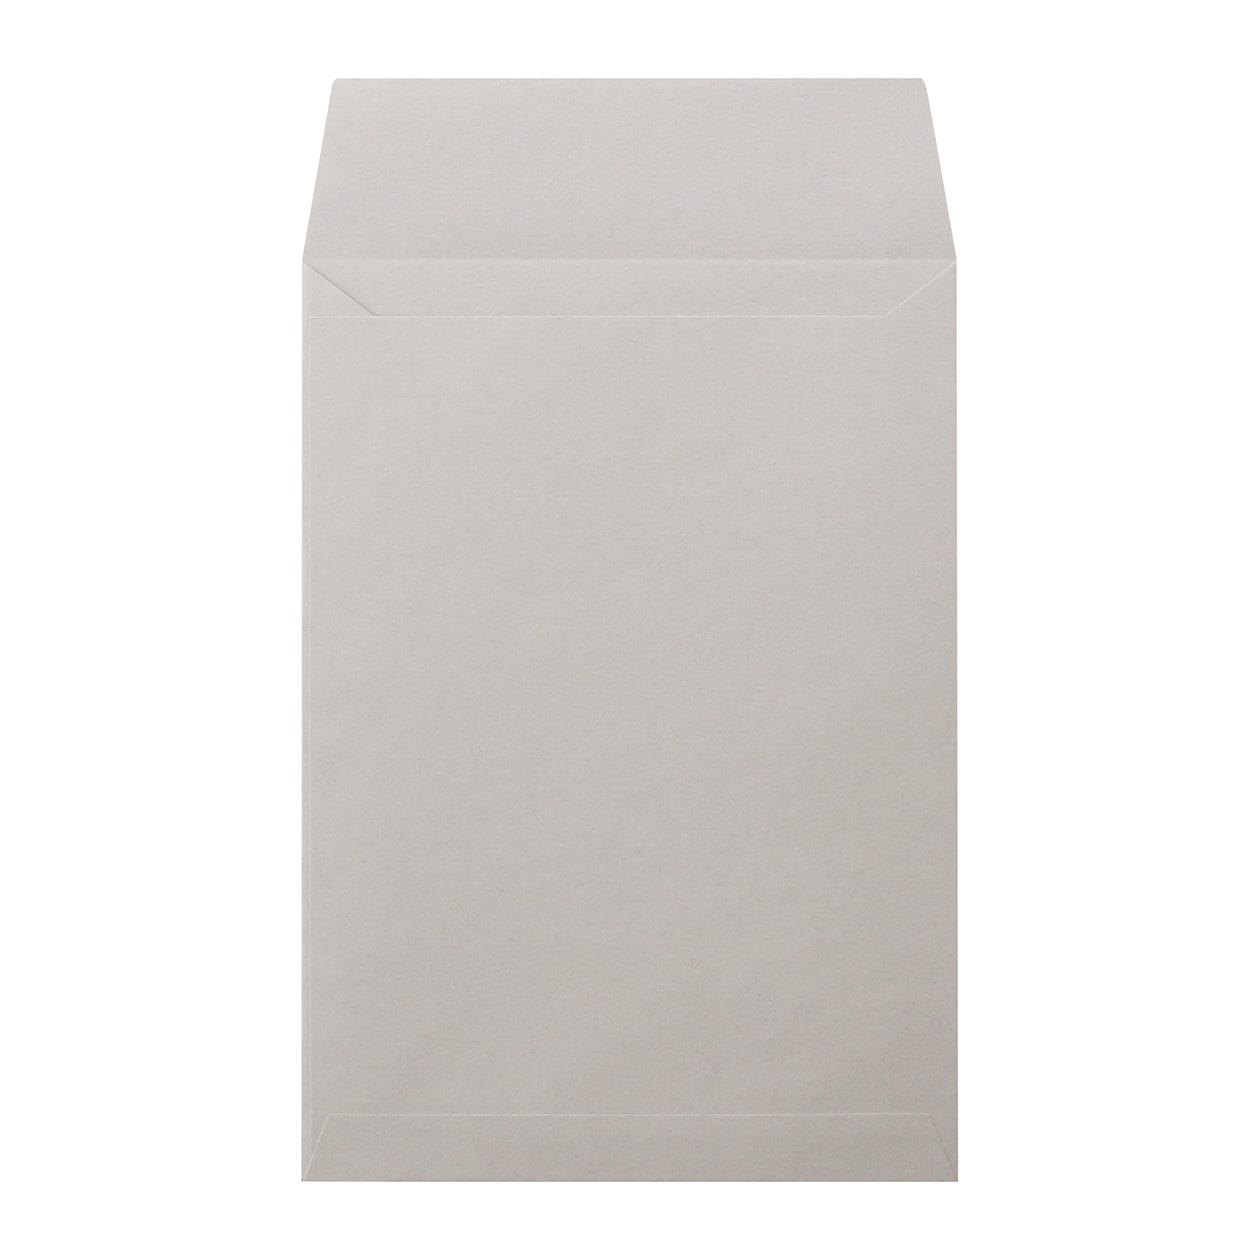 サンプル 封筒・袋 00095